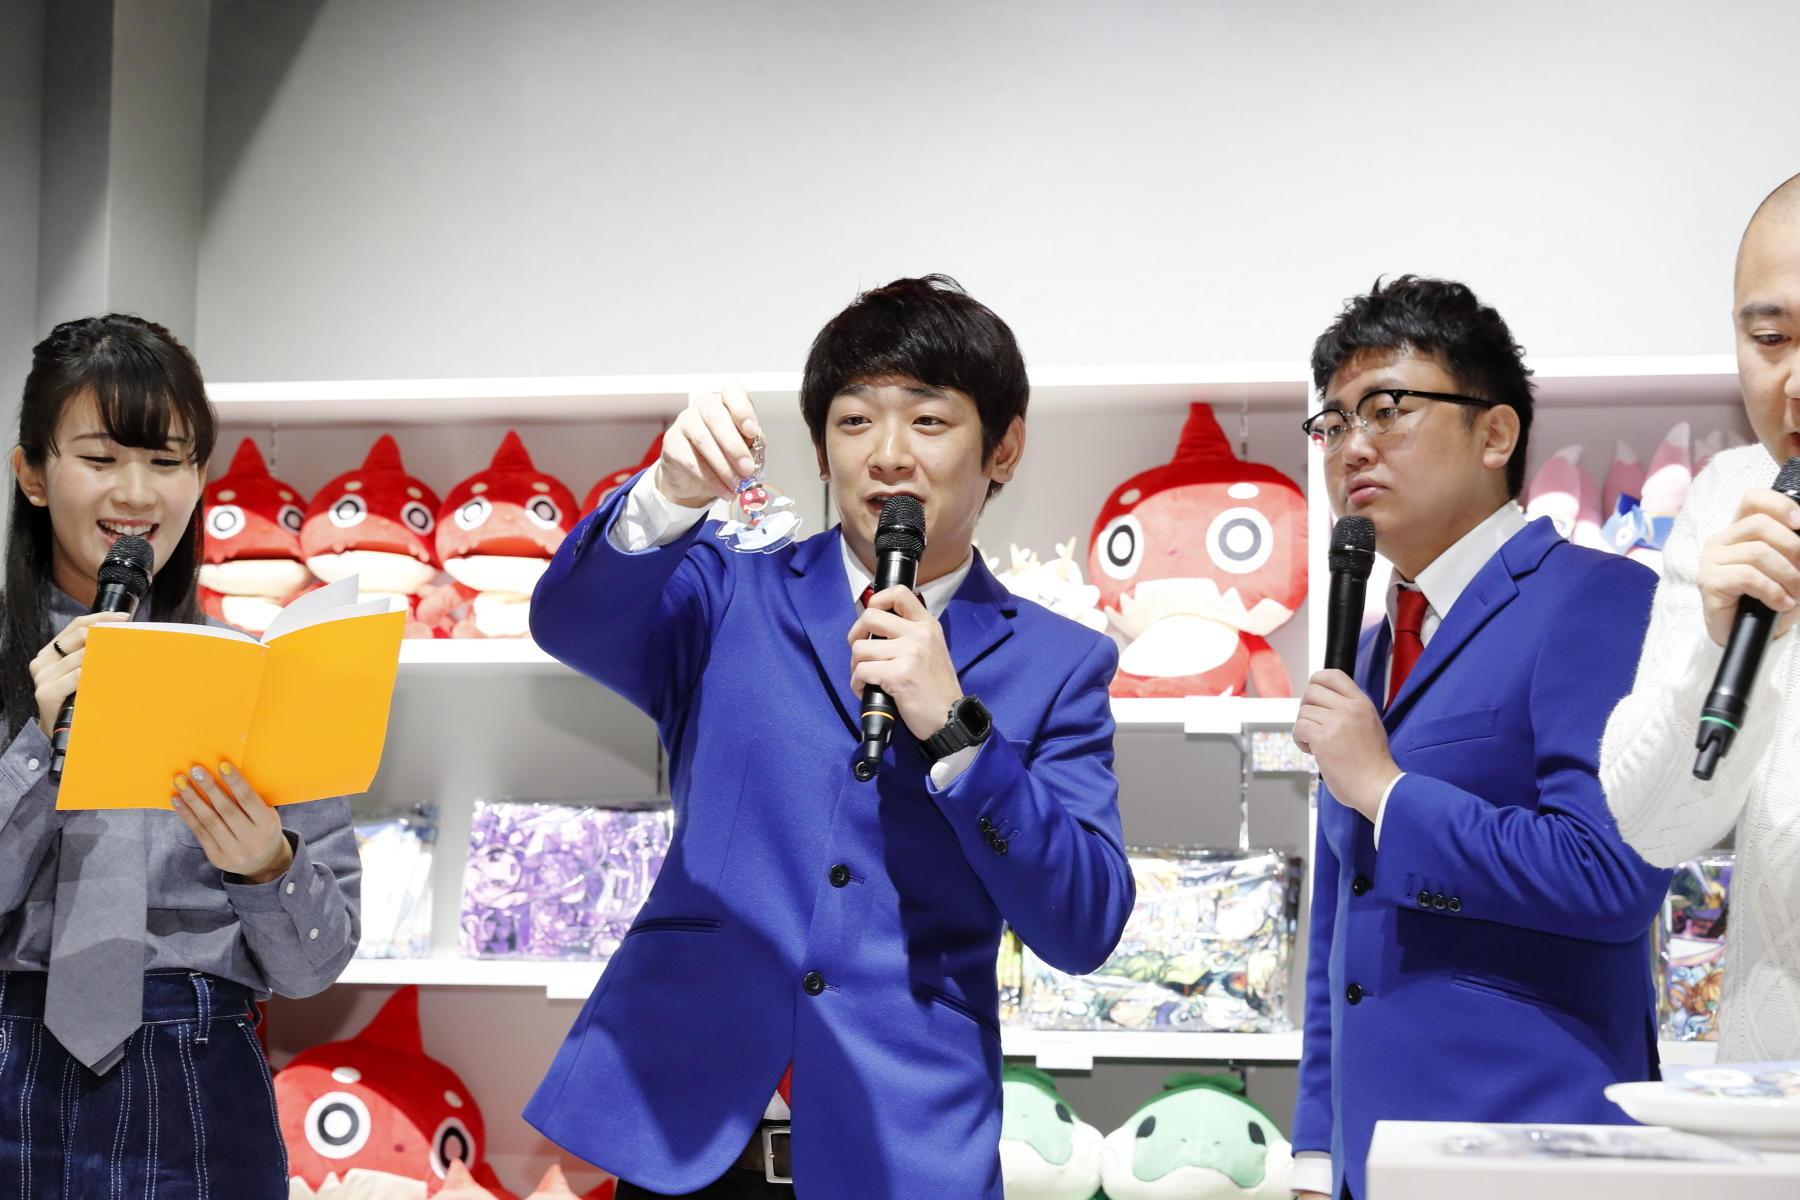 http://news.yoshimoto.co.jp/20190124202843-ad3f25e9e99654309eb9ce43ae2155b039d0f62b.jpg